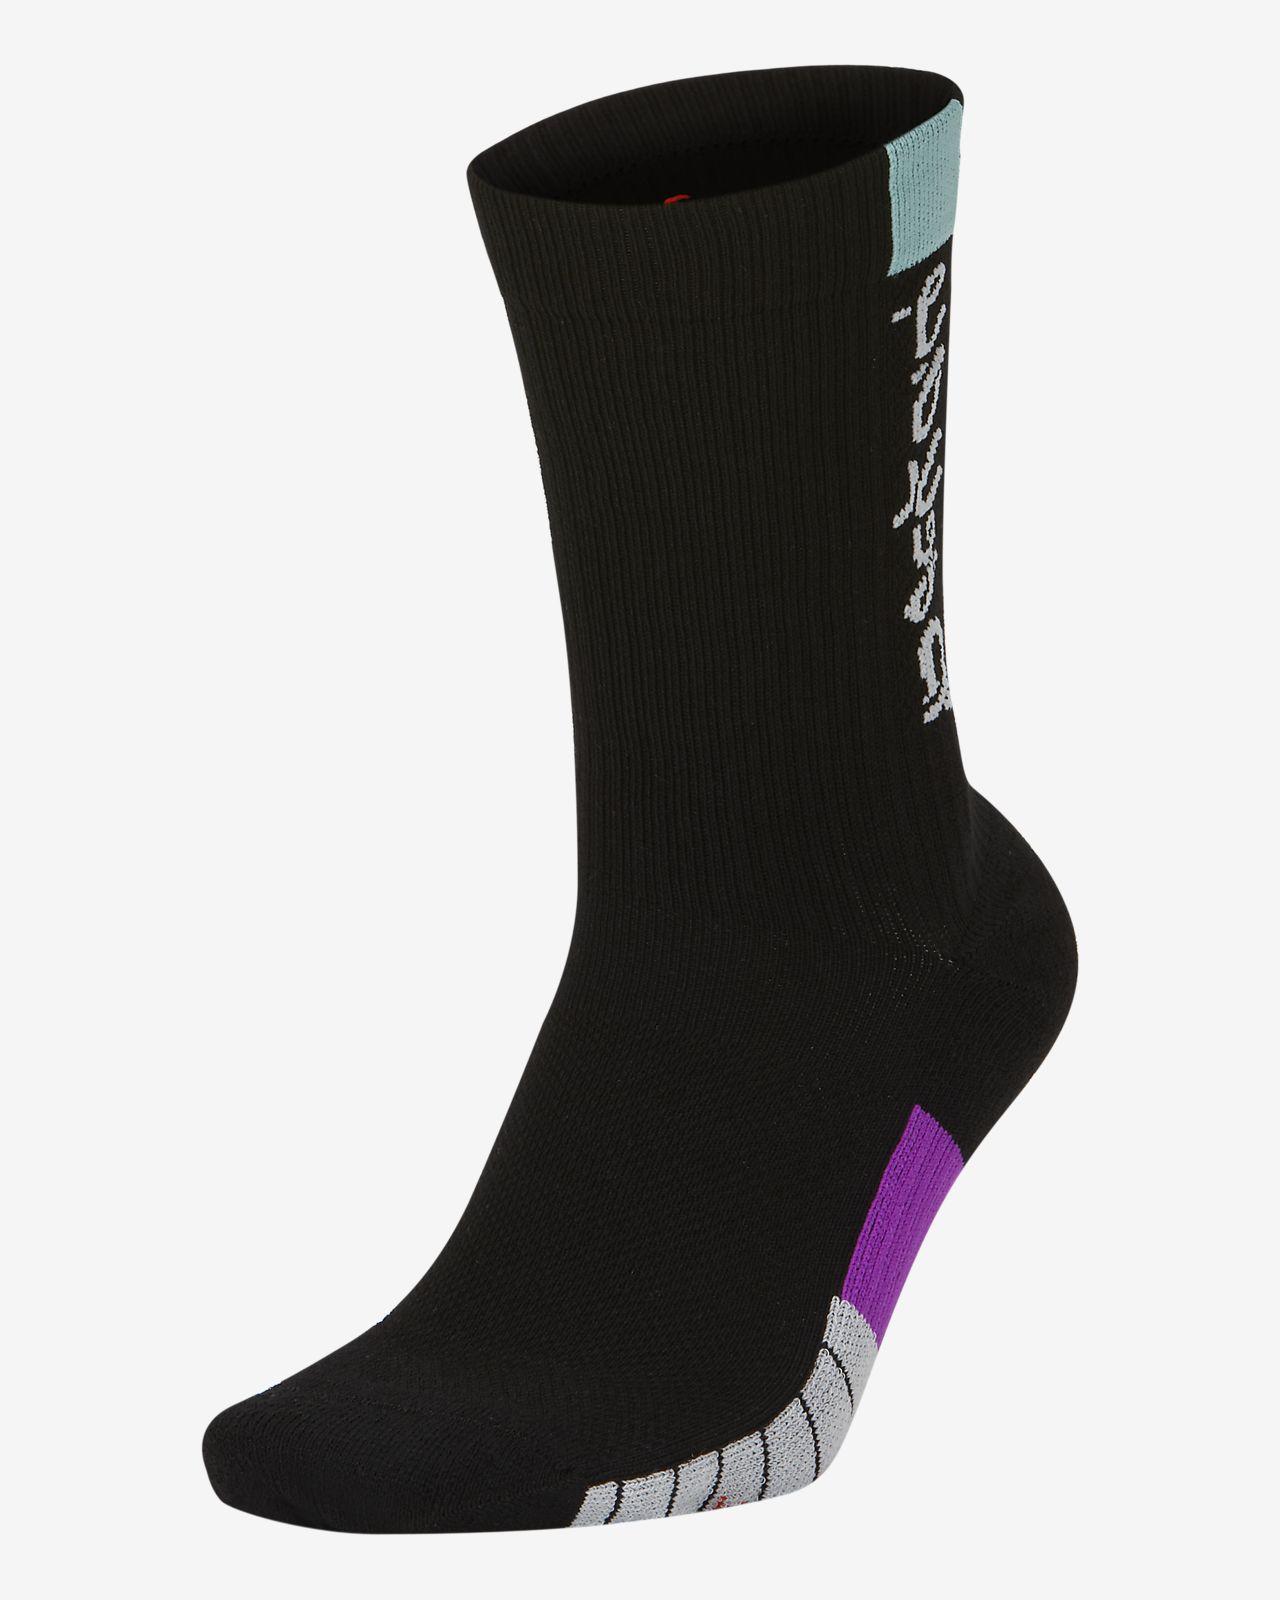 Chaussettes mi-mollet Nike Multiplier Marathon